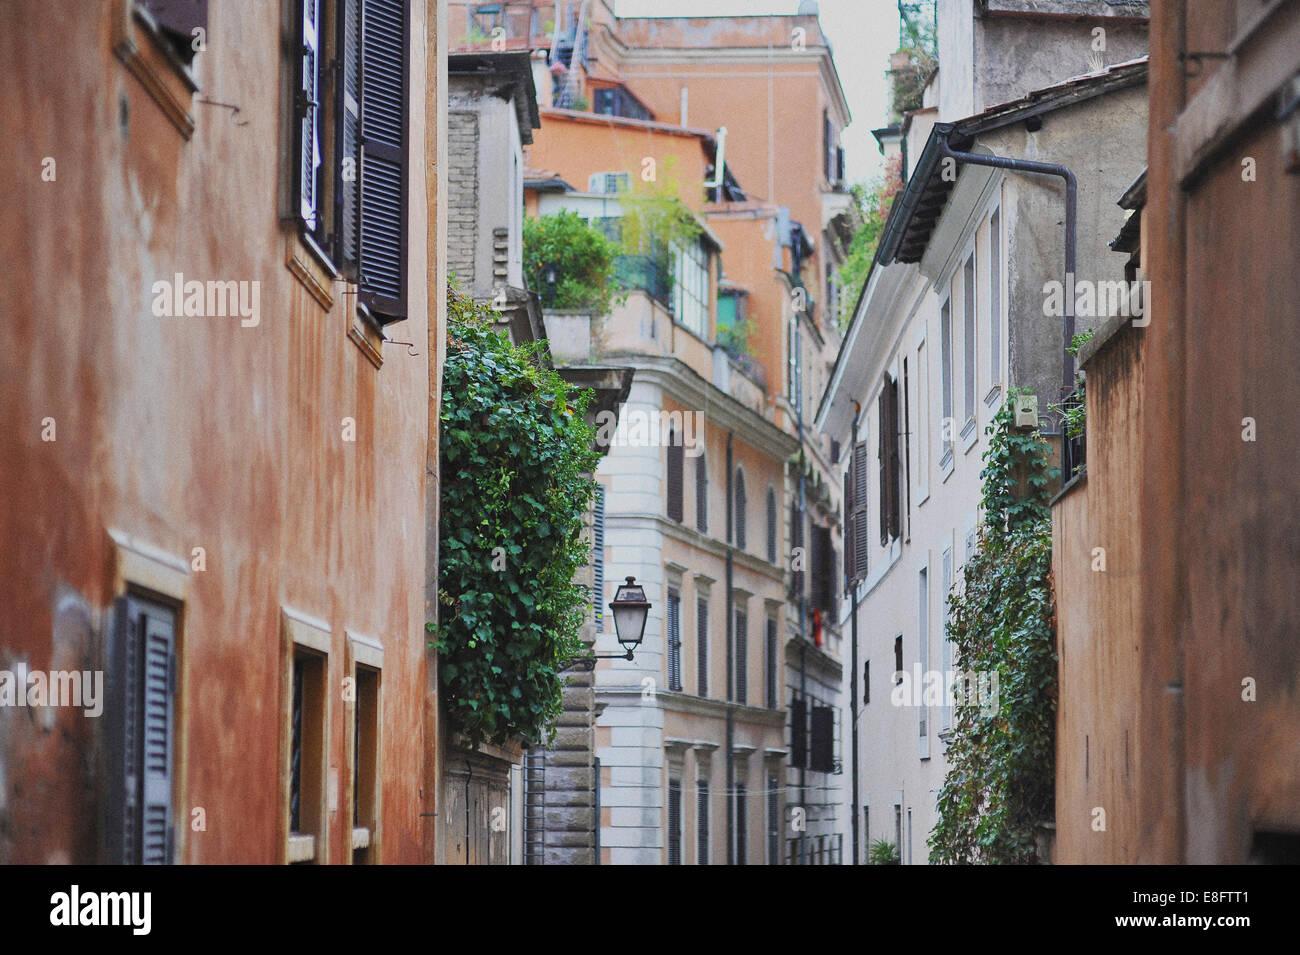 Italien, Rom, Gasse in der Stadt Stockbild